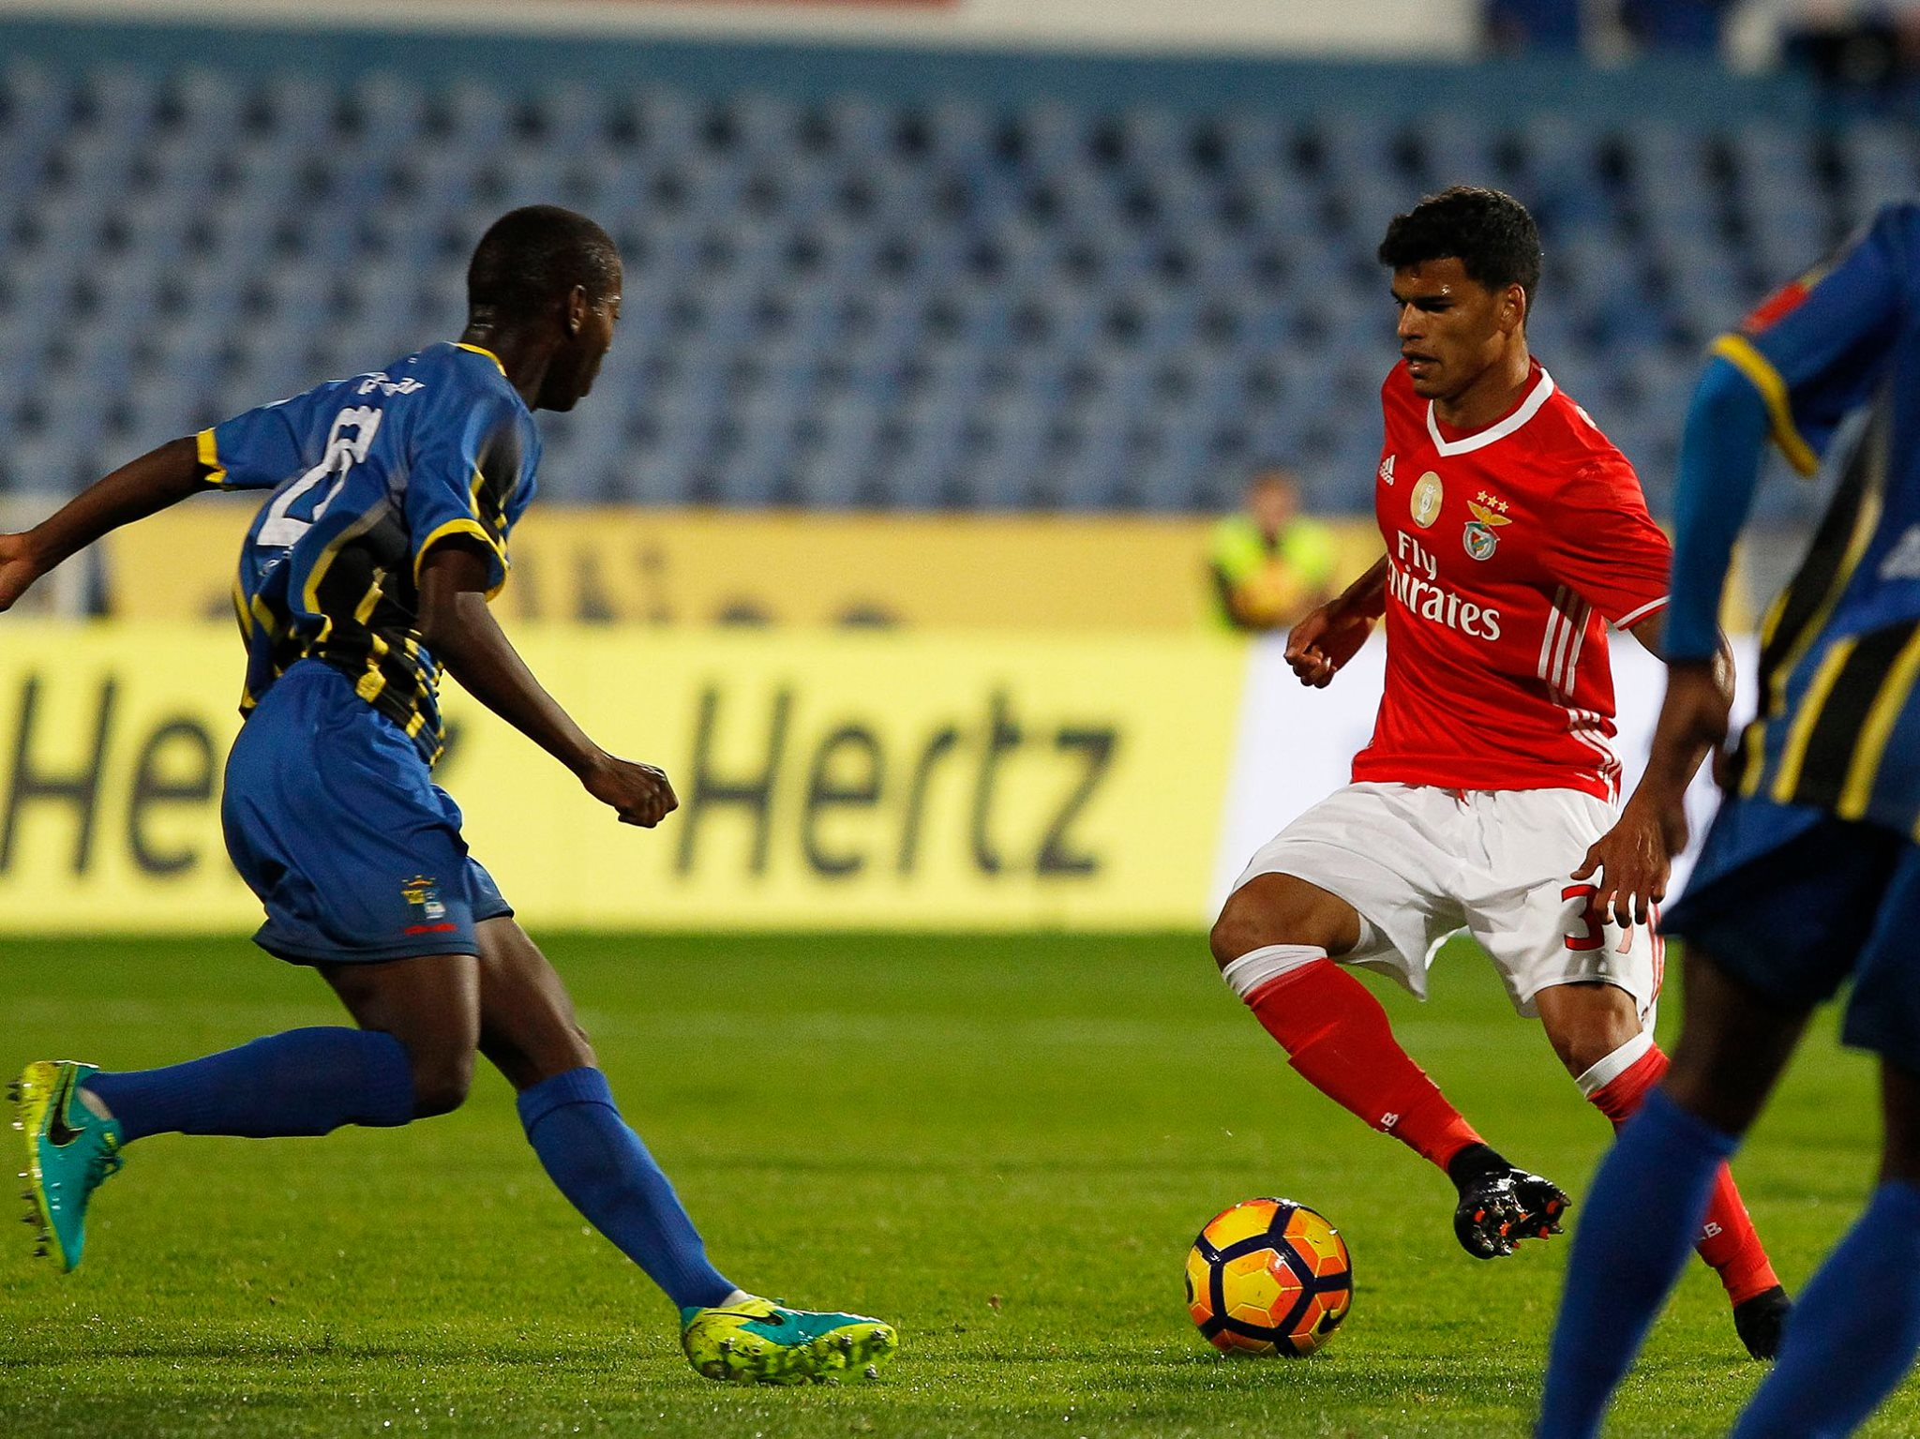 Nacional Benfica: Real SC 0-3 SL Benfica: E Tudo Guedes Mudou